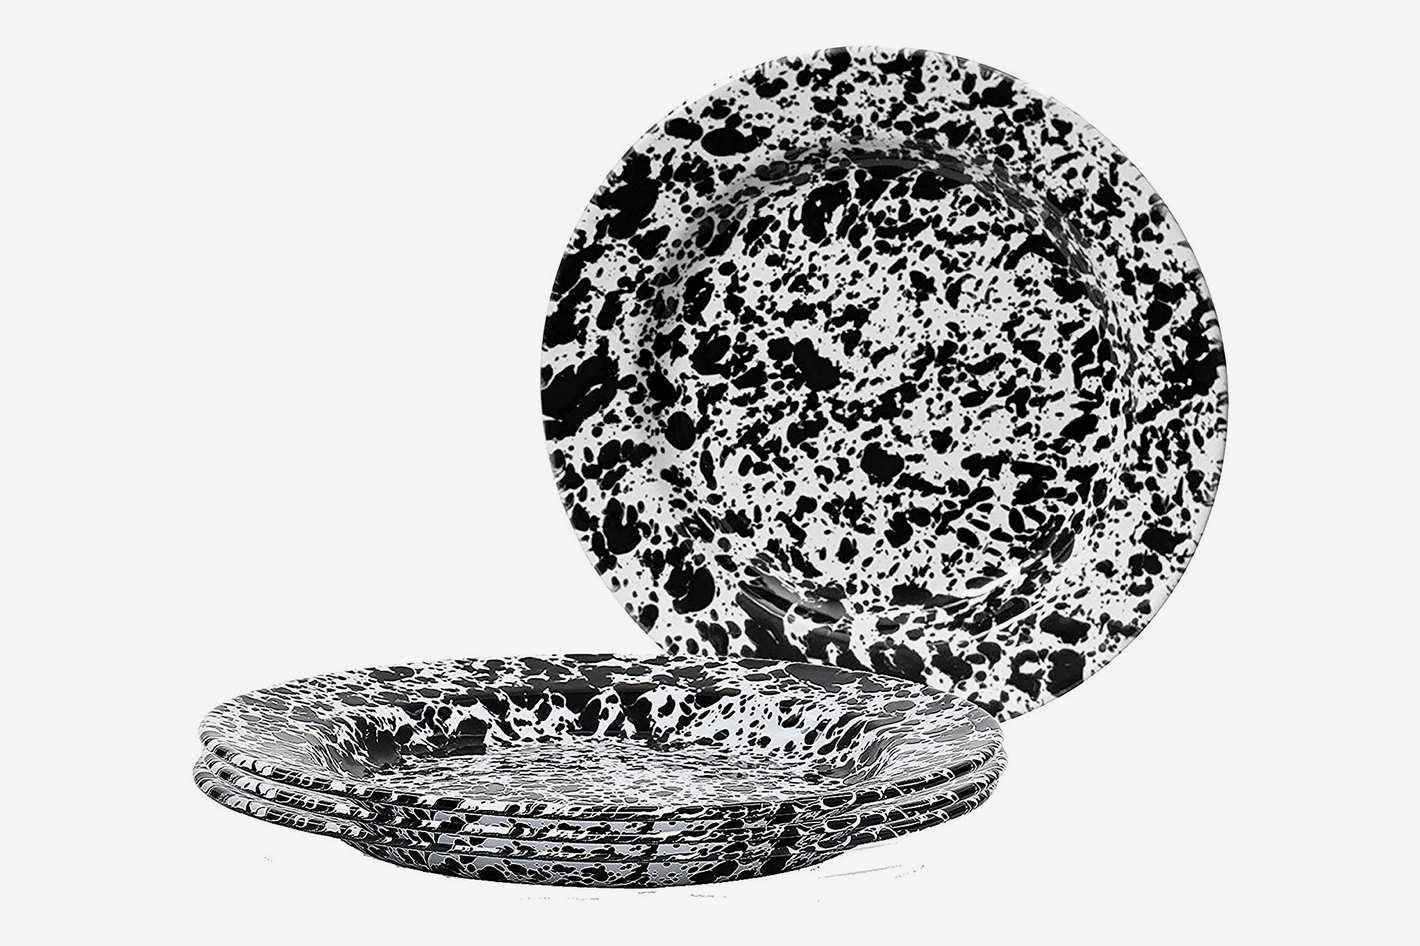 Crow Canyon Home Enamelware Dinner Plate, Black/White Splatter (Set of 4)